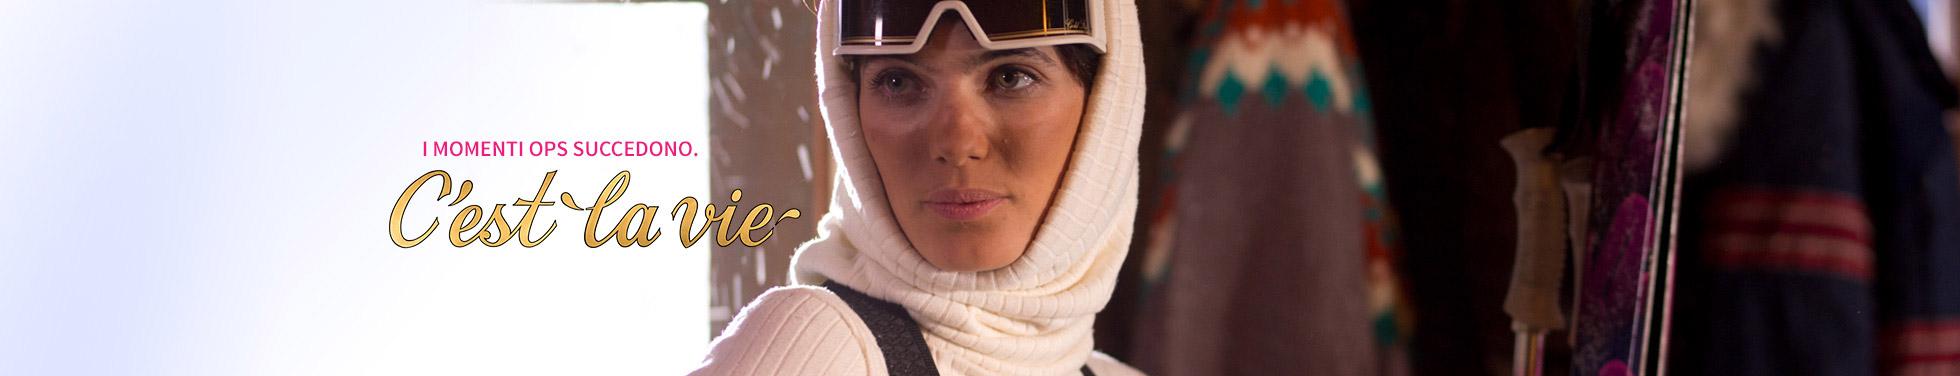 Donna abbronzata con il segno degli occhiali da sci.